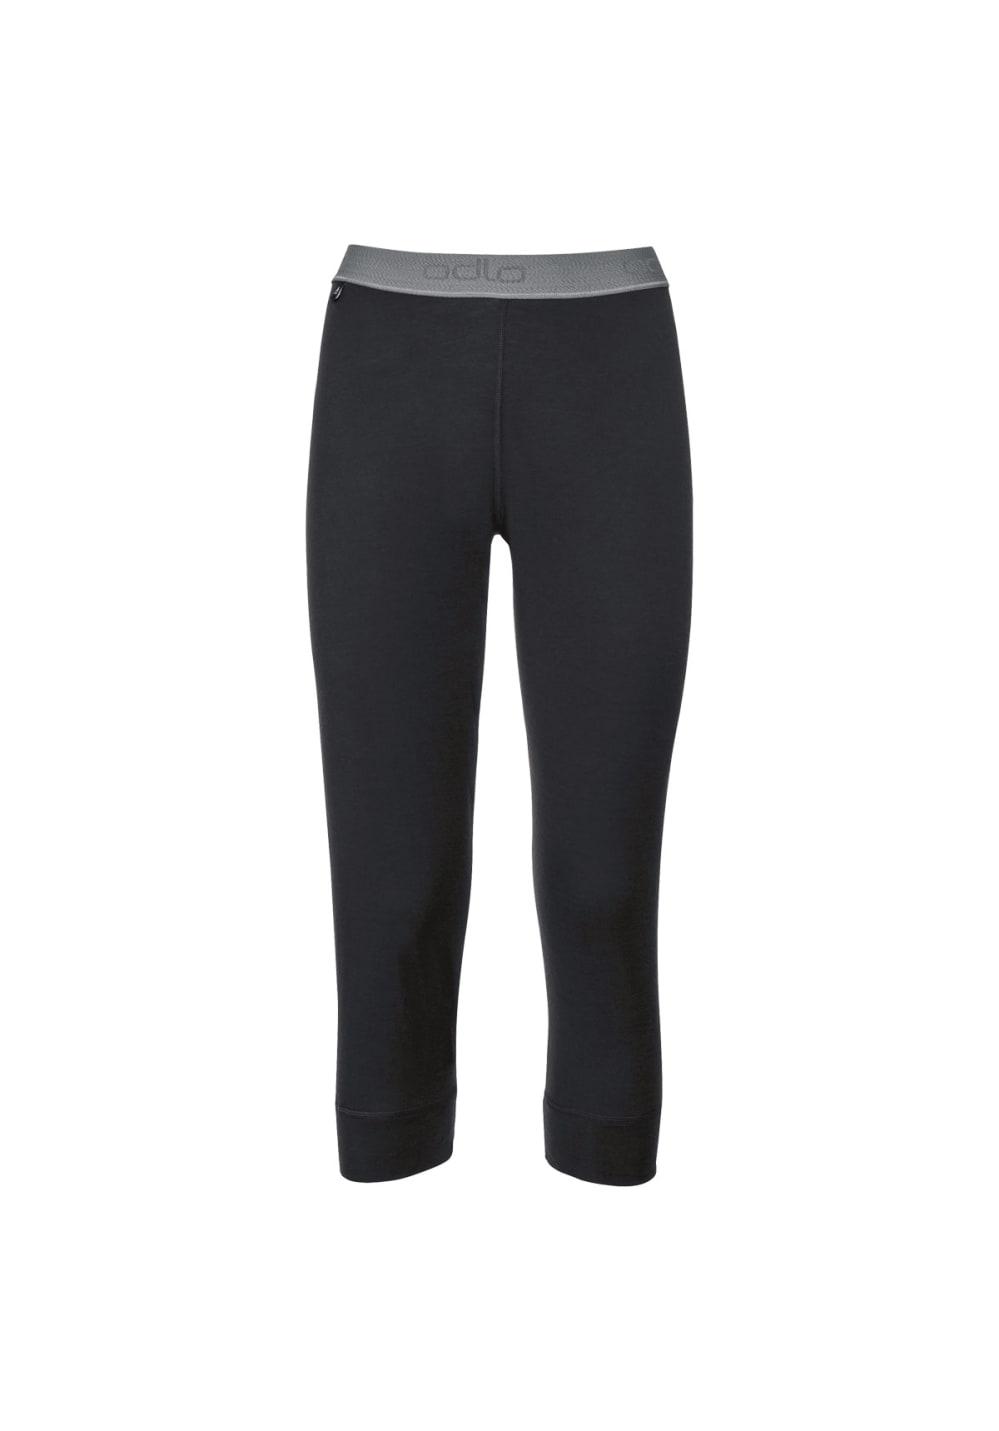 Odlo Pants 3/4 Natural Merino Warm - Funktionsunterwäsche für Damen - Schwarz,